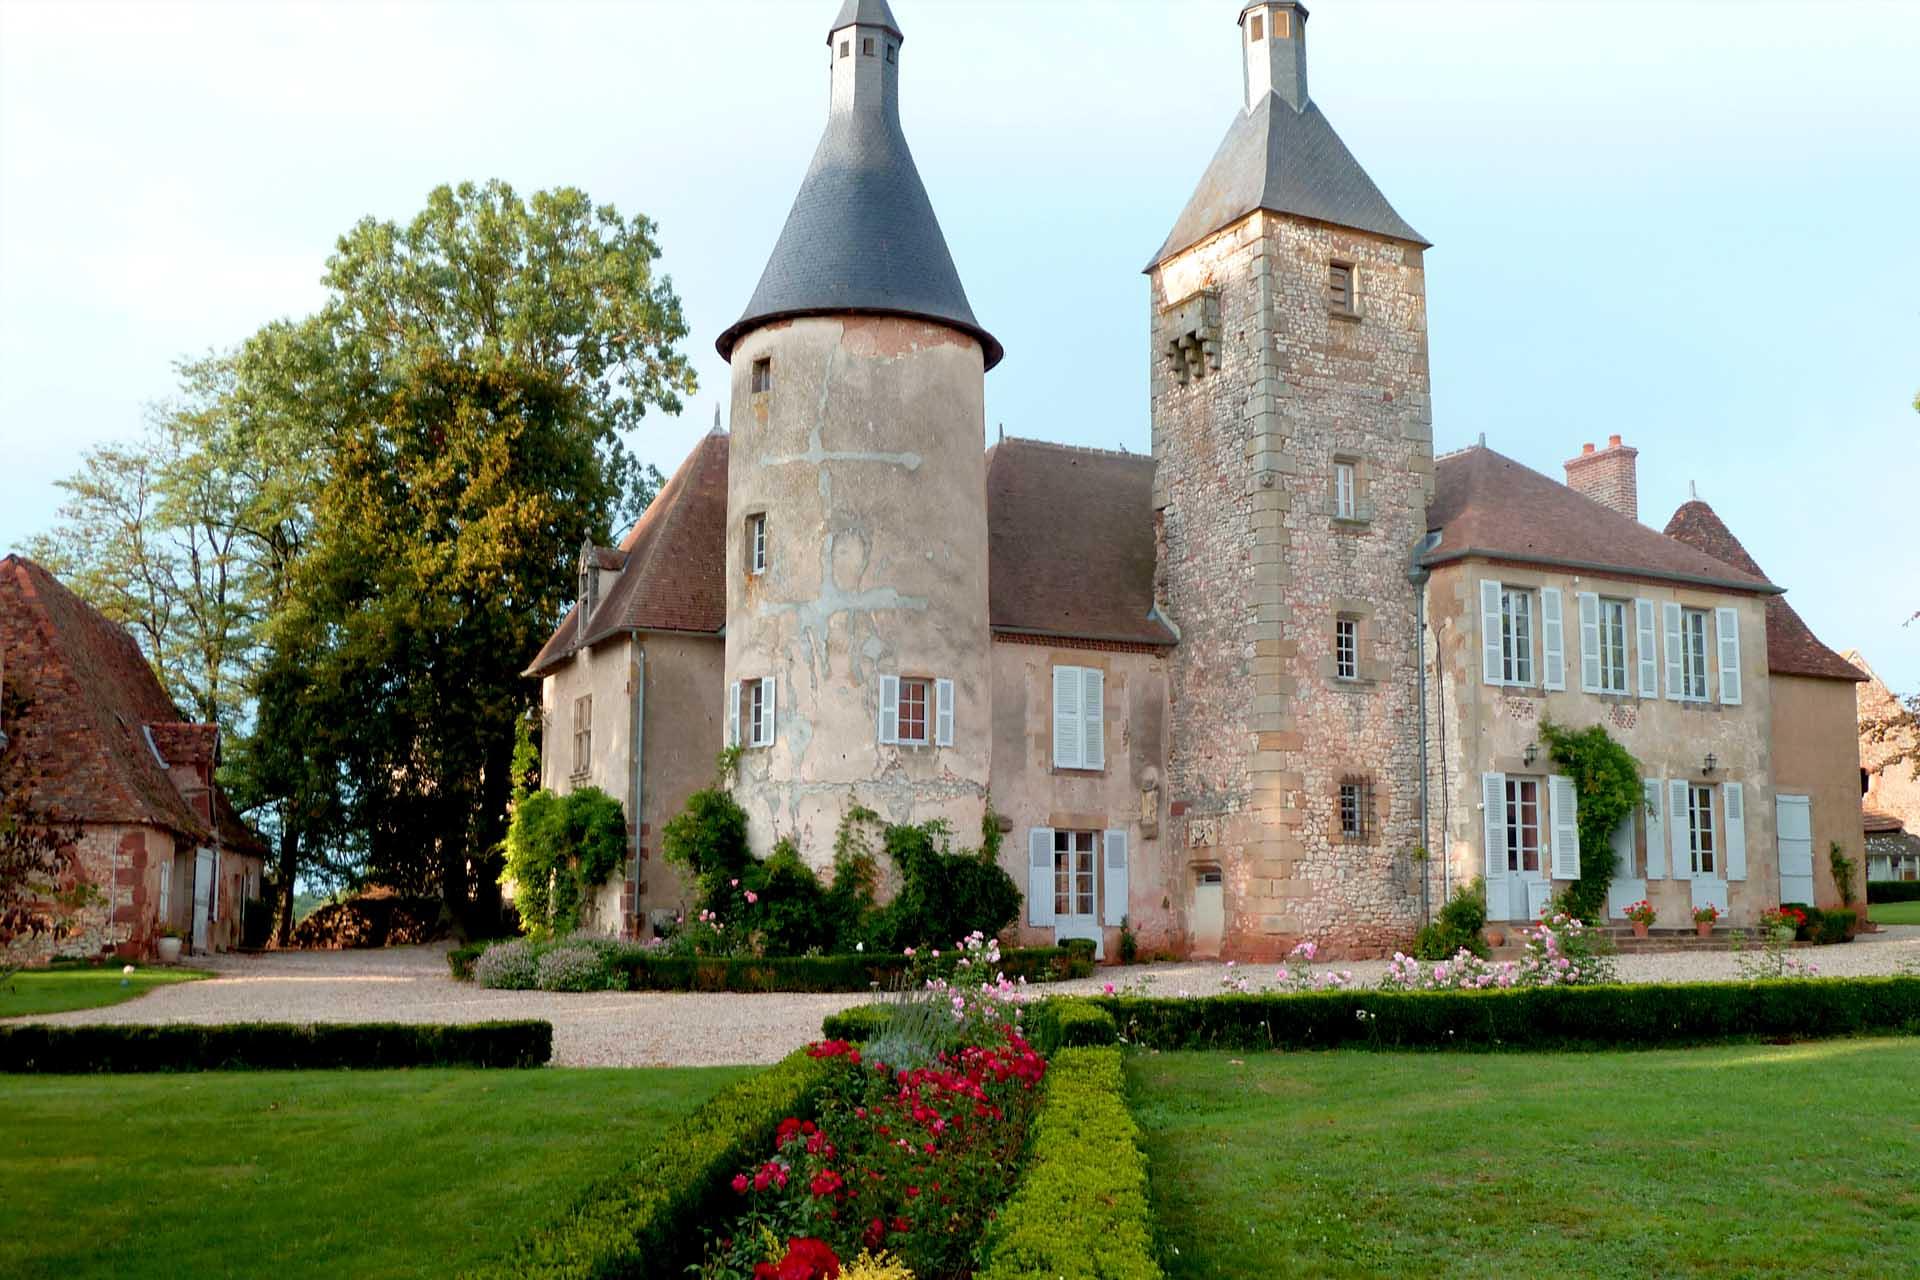 Séjours au Ch¢teau Sejour Chateau des ch¢teaux en Auvergne et